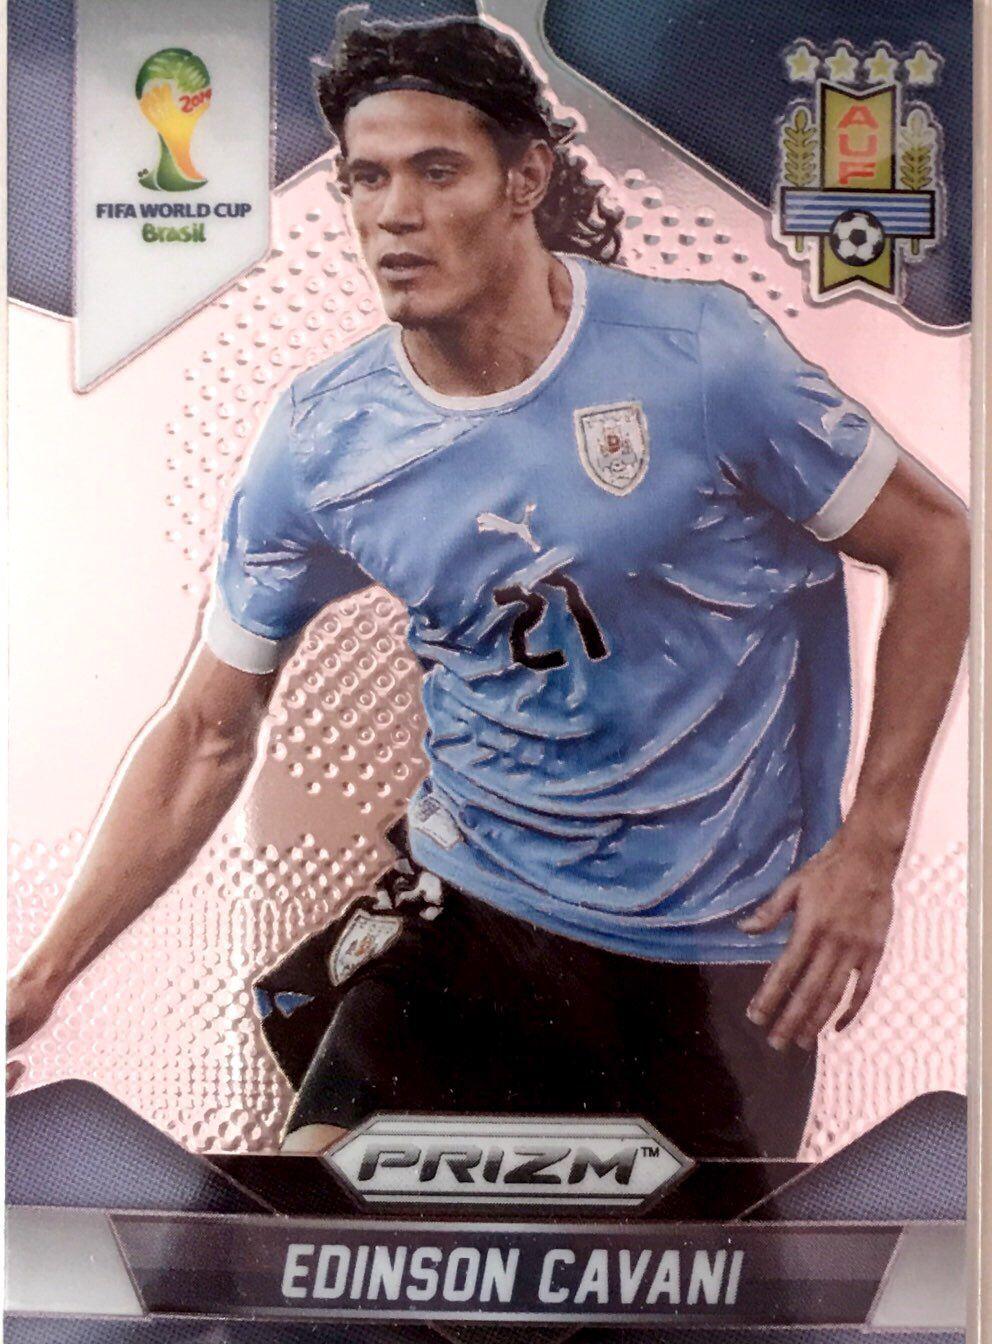 【普拉蒂尼】2014Panini帕尼尼巴西世界杯足球球星卡Edinson Cavani卡瓦尼乌拉圭NO.193普卡